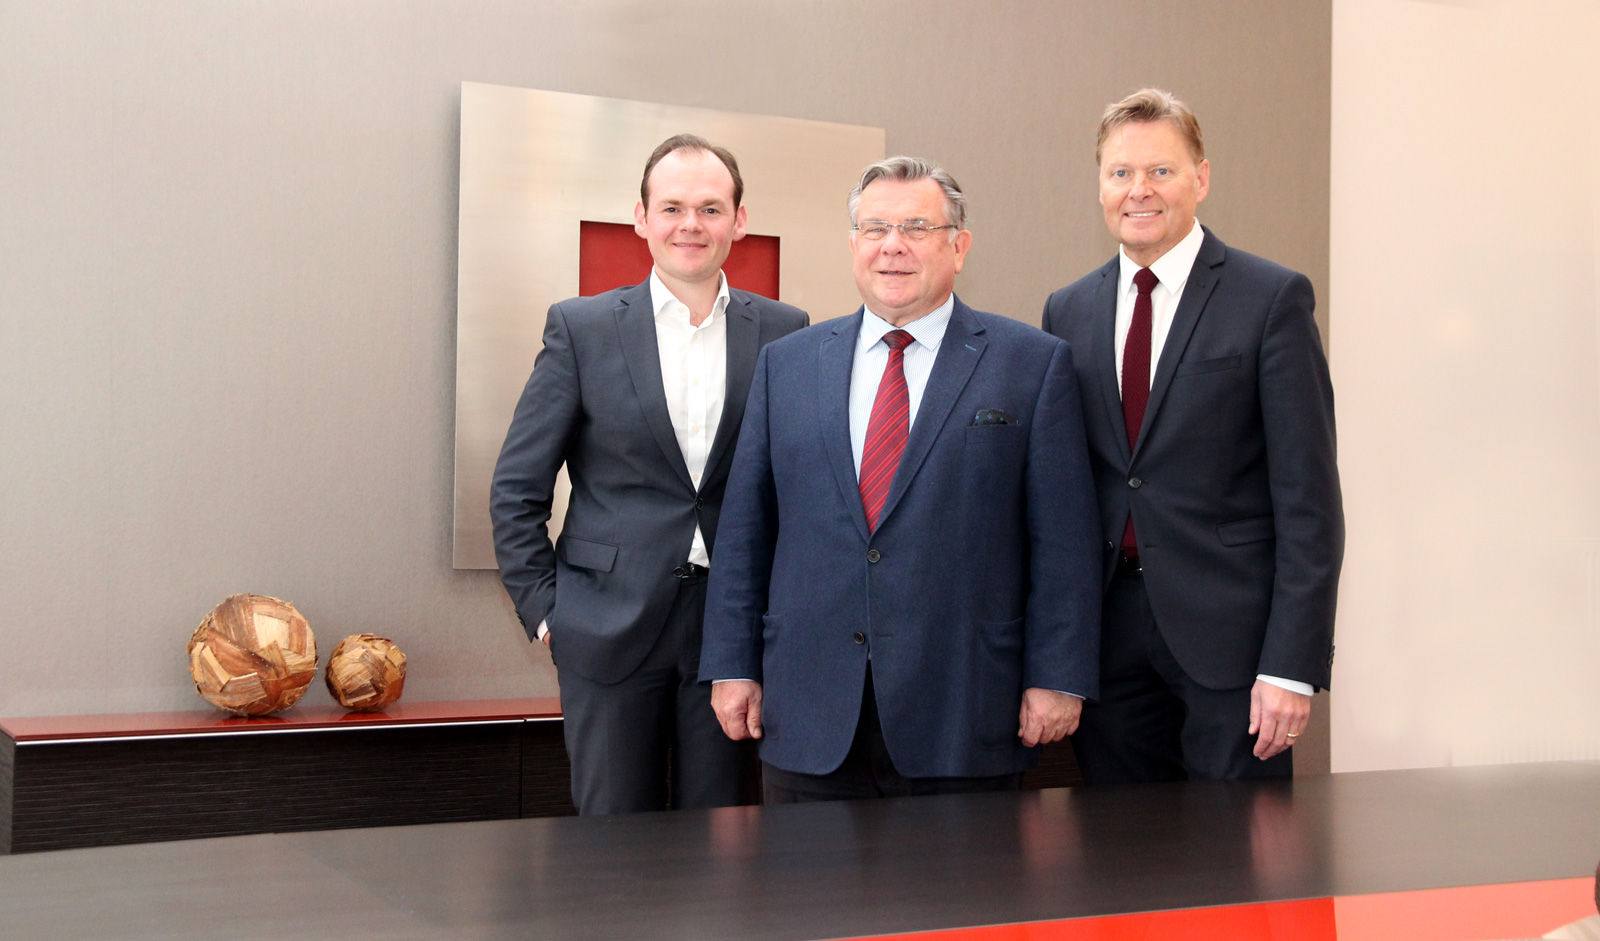 Vorsitzender Gerhard John (Bildmitte) mit Geschäftsführer Norbert Dünkel (rechts) und dem stellvertr. Geschäftsführer Dennis Kummarnitzky (links).